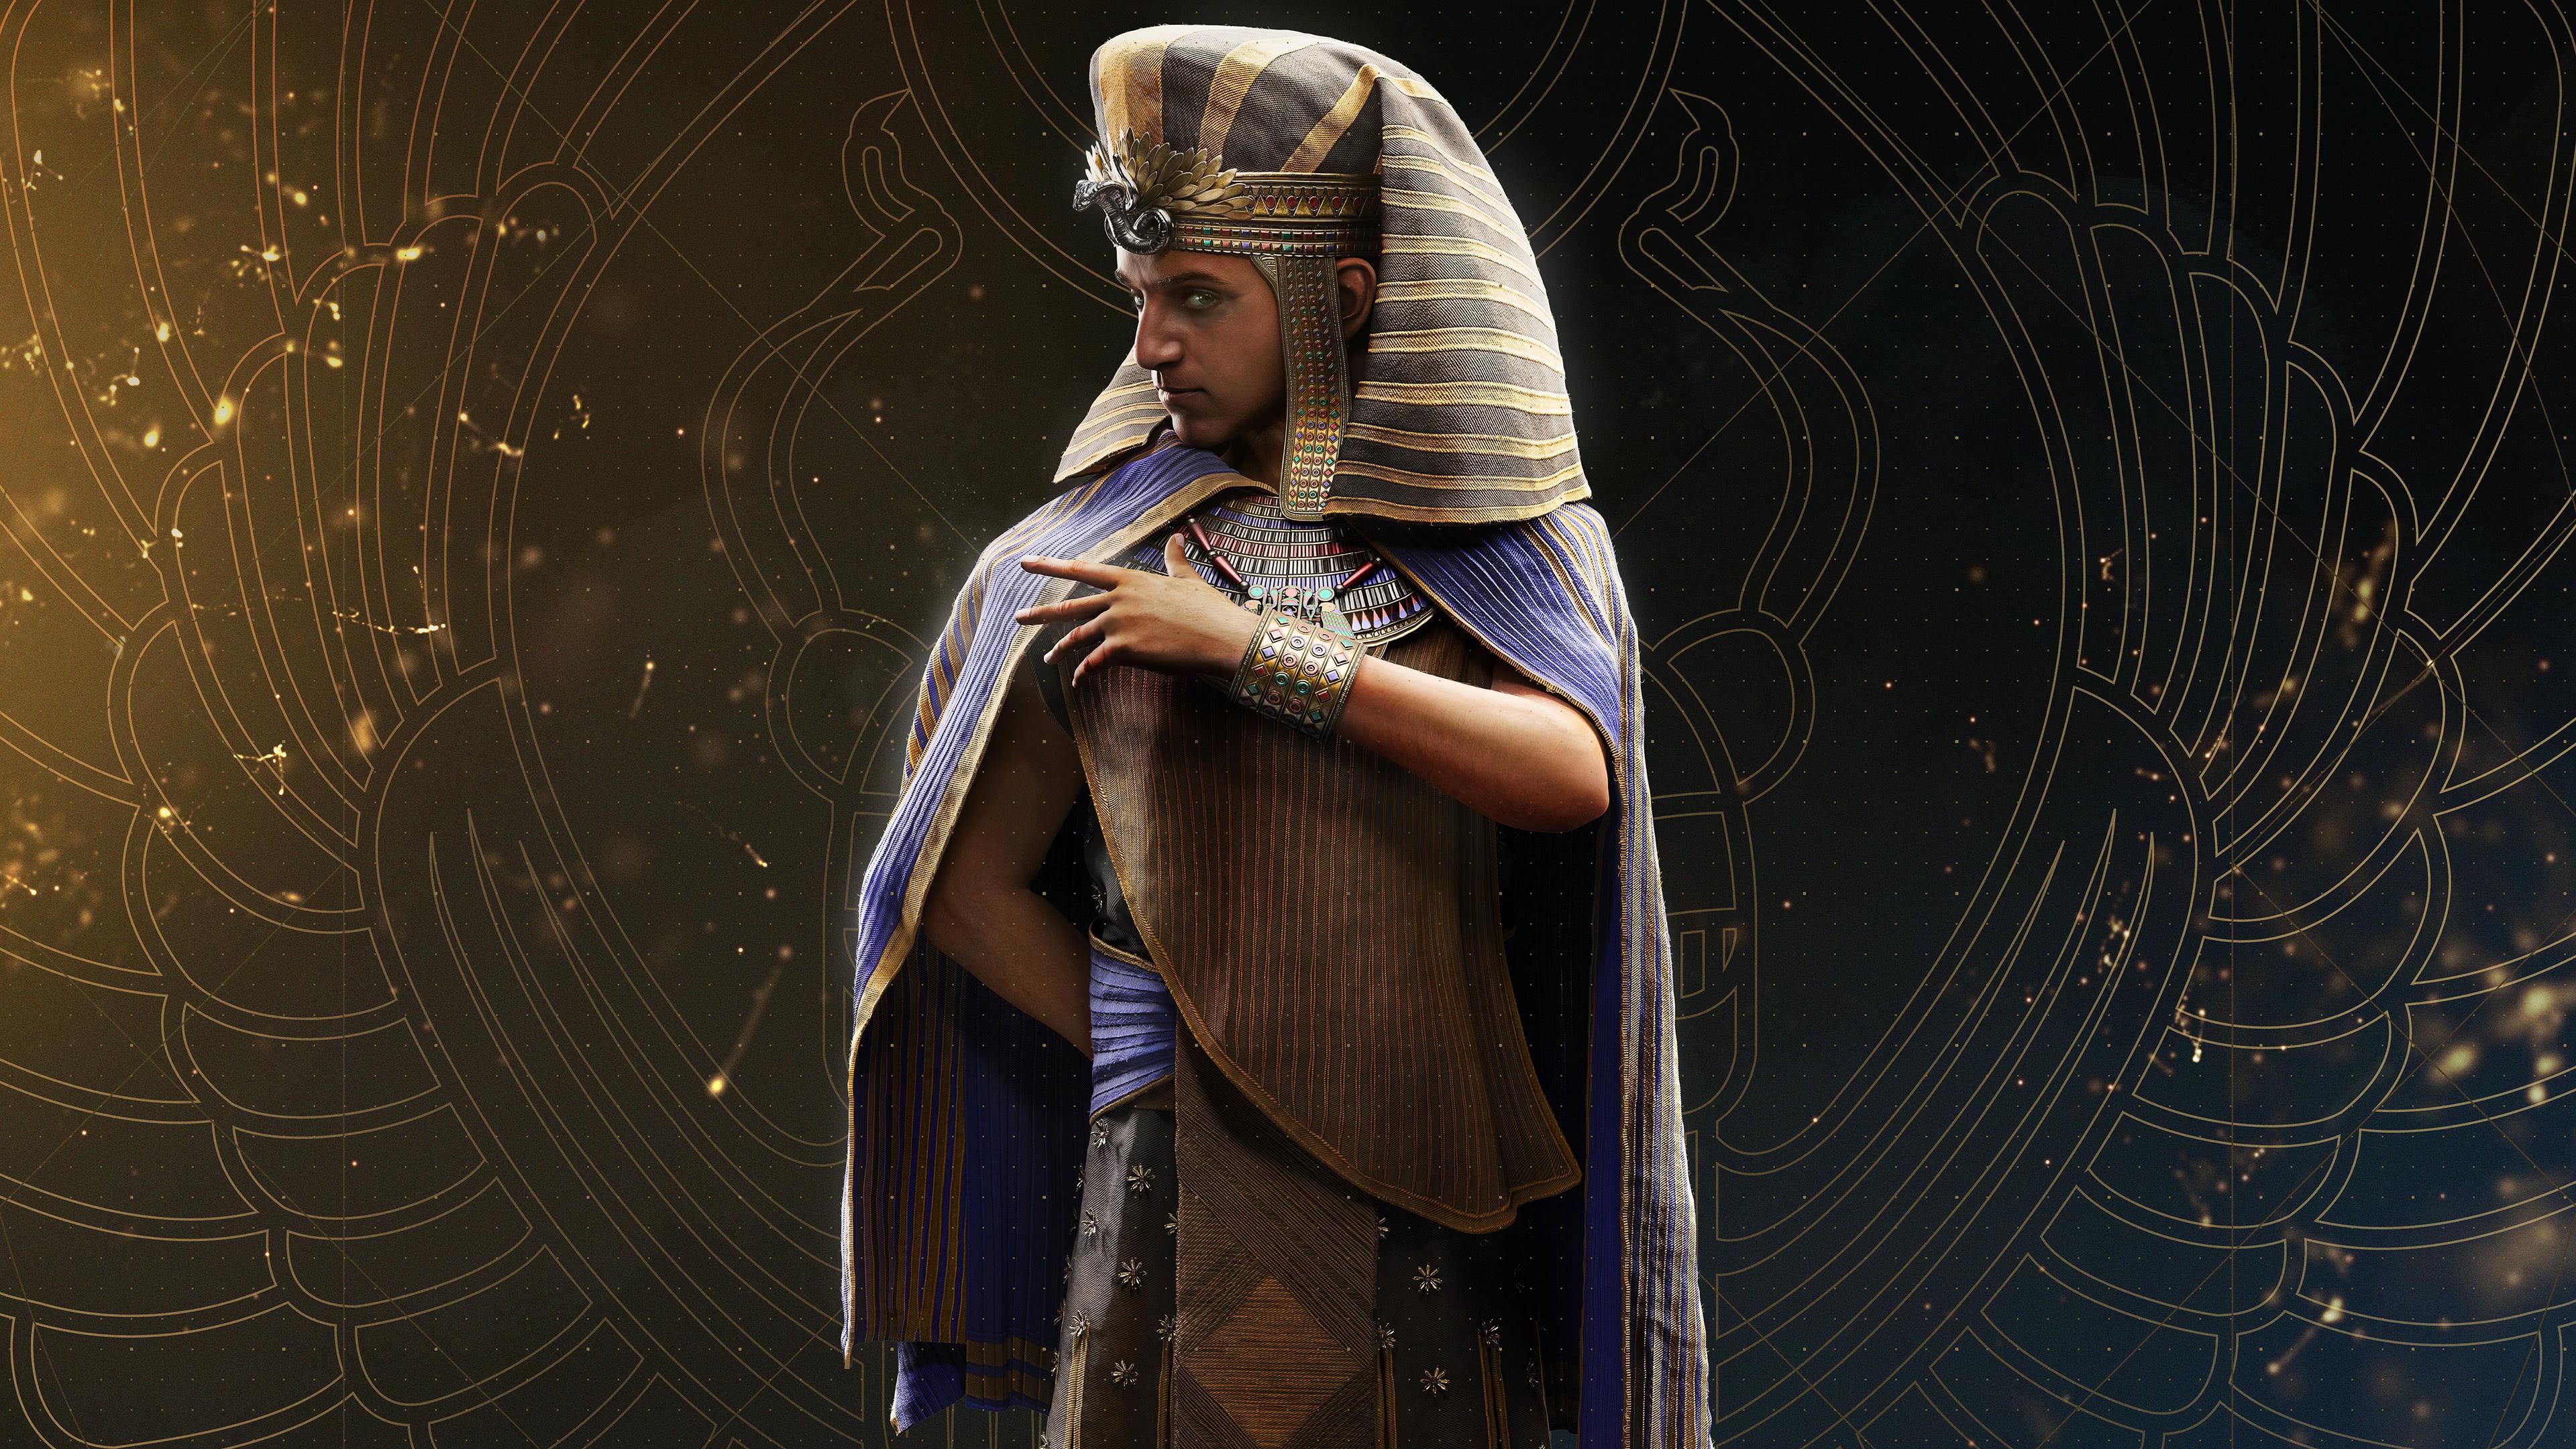 assassins creed origins egyptien uhd 4k wallpaper